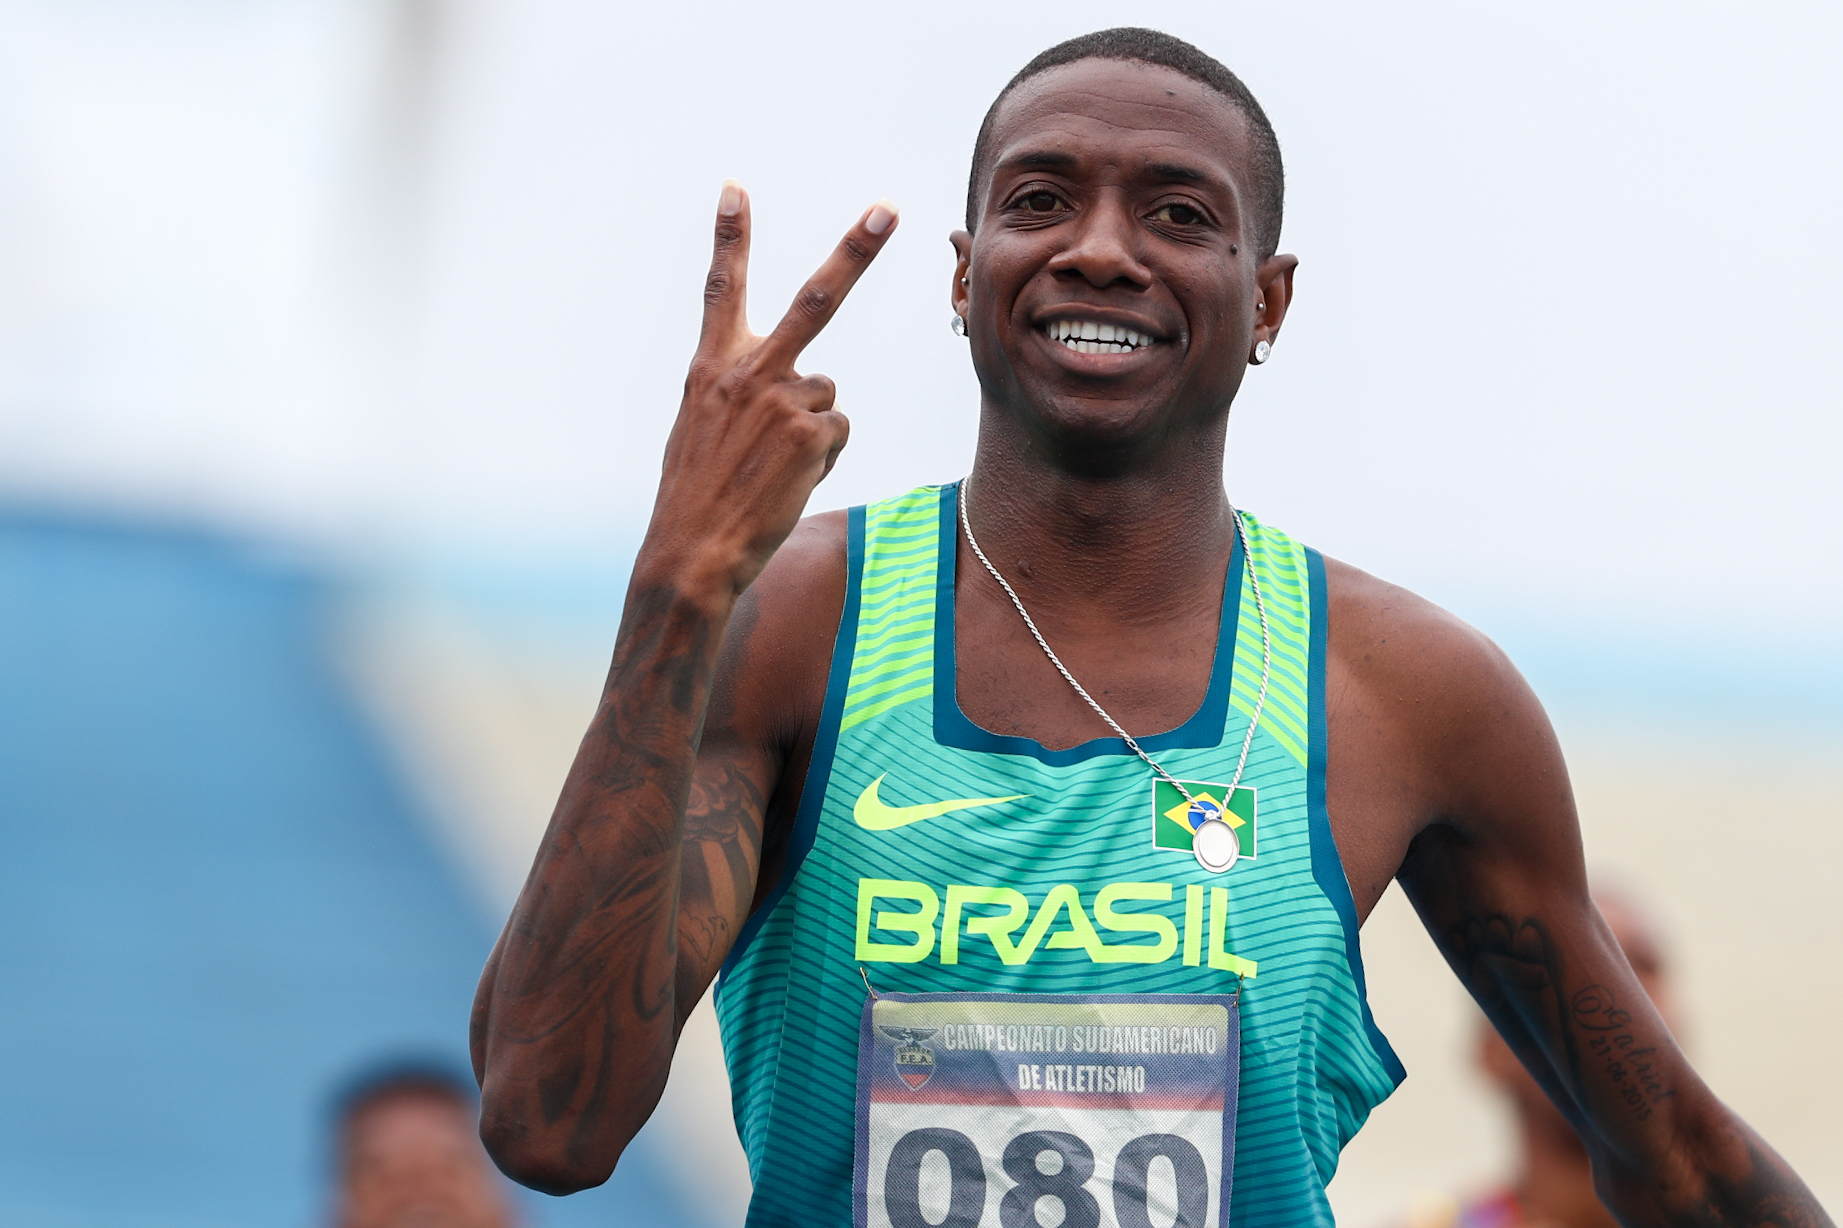 Brasil mantém hegemonia no Sul-Americano de Atletismo e conquista 49 medalhas na competição